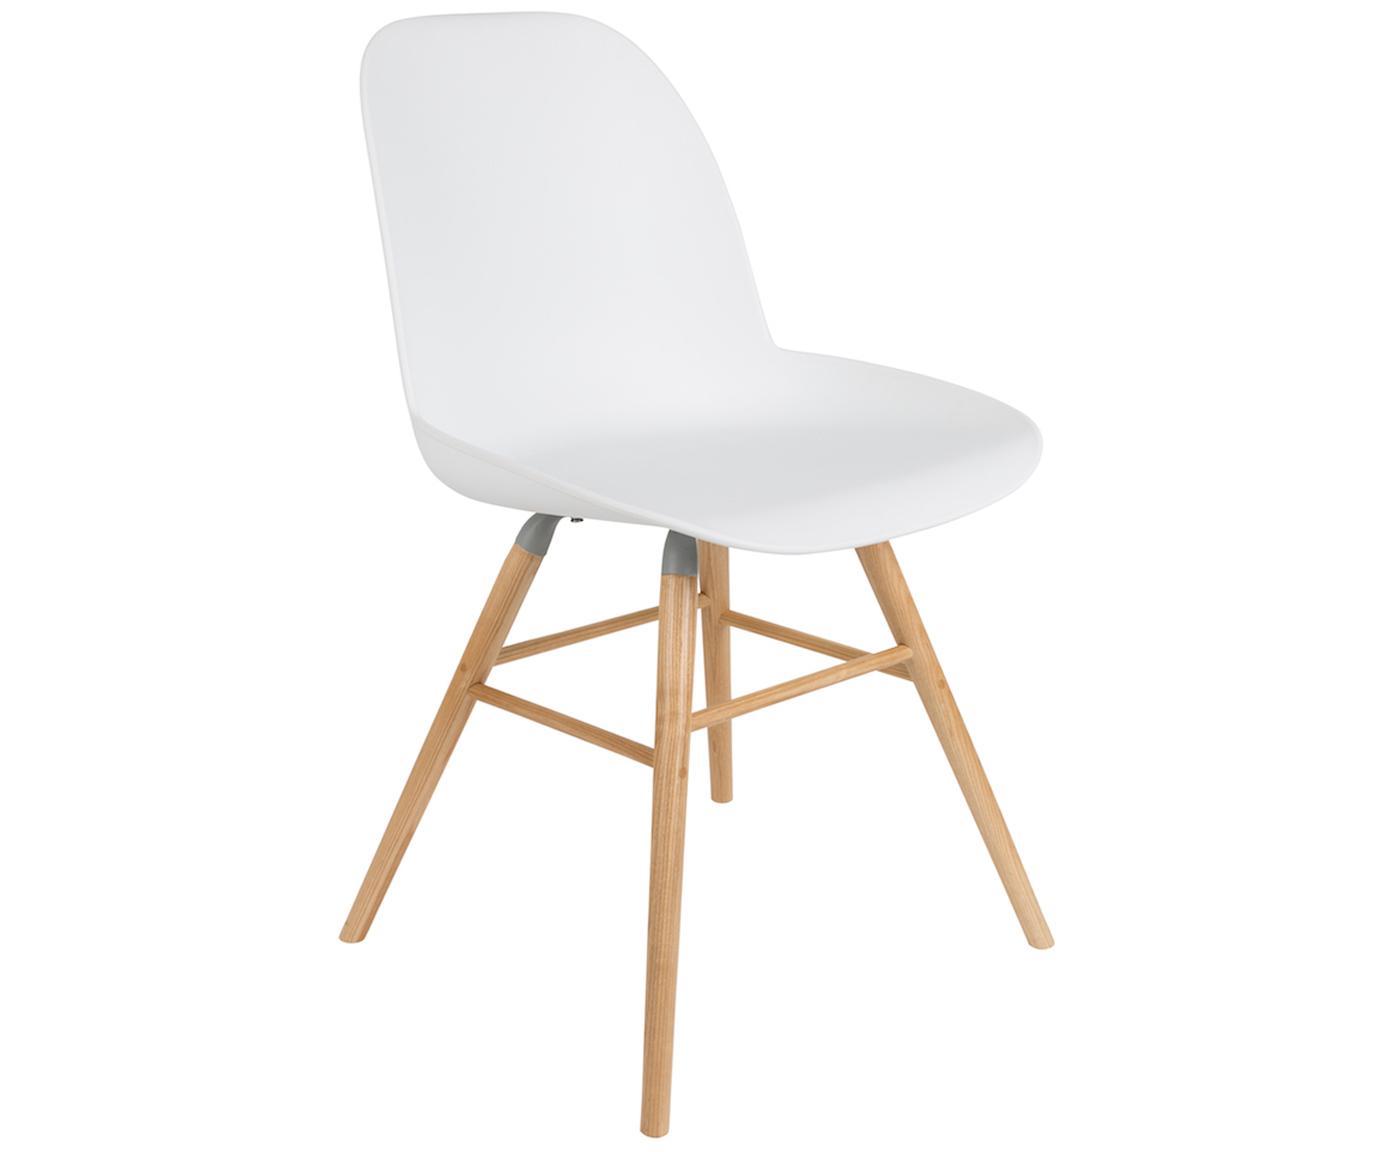 Silla Albert Kuip, Asiento: 100% polipropileno, Patas: madera de fresno, Blanco, An 49 x Al 82 cm